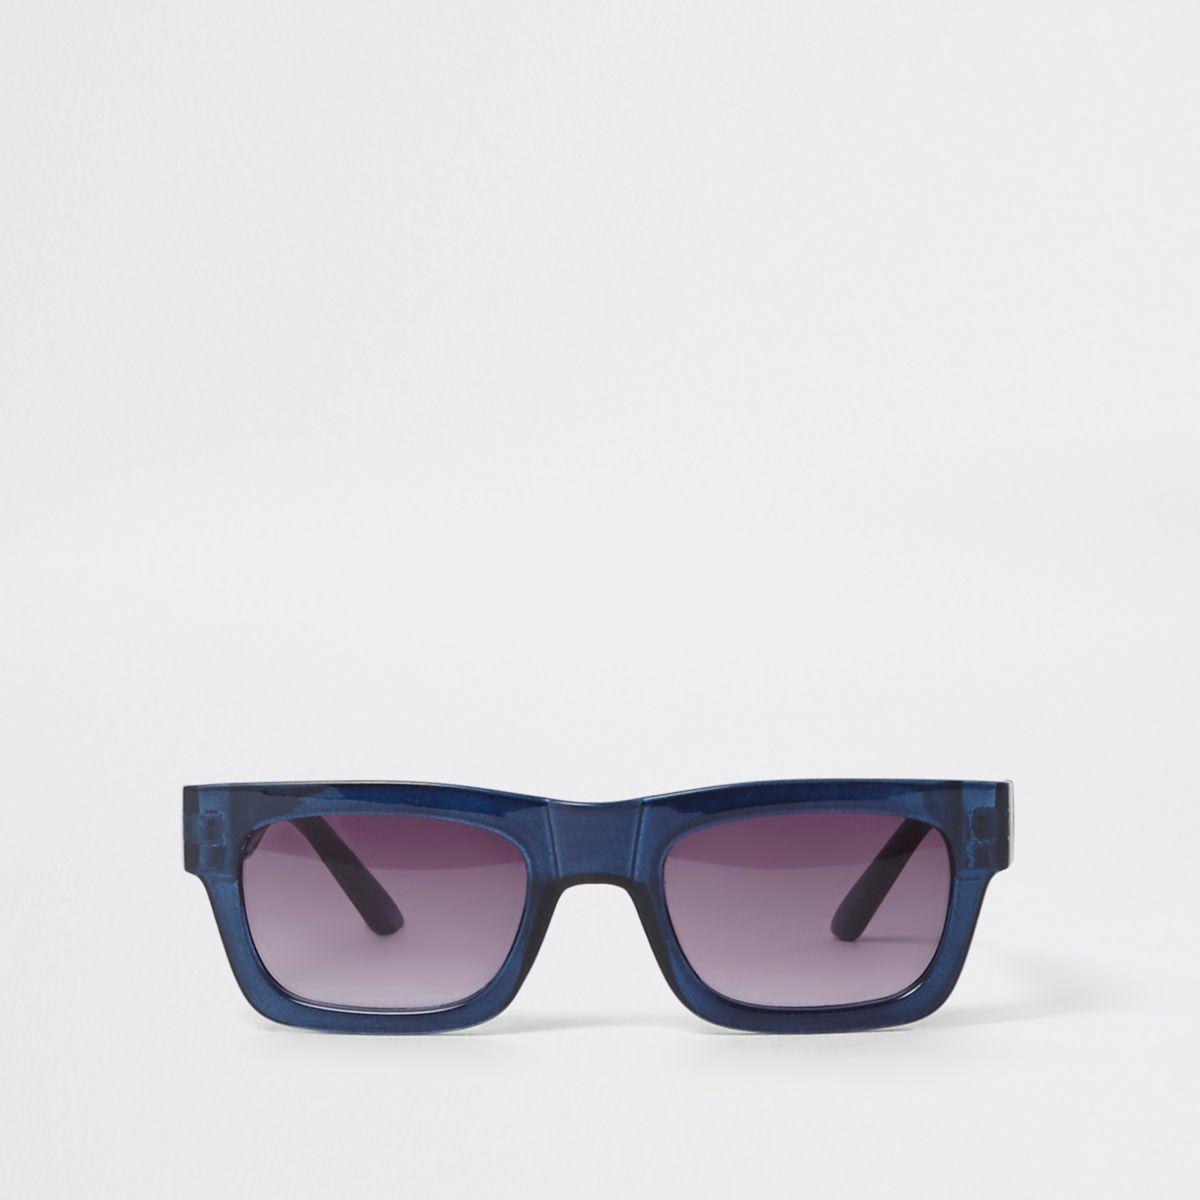 River Island Lunettes de soleil rétro bleues à verres fumés 2ZrniGb0VO